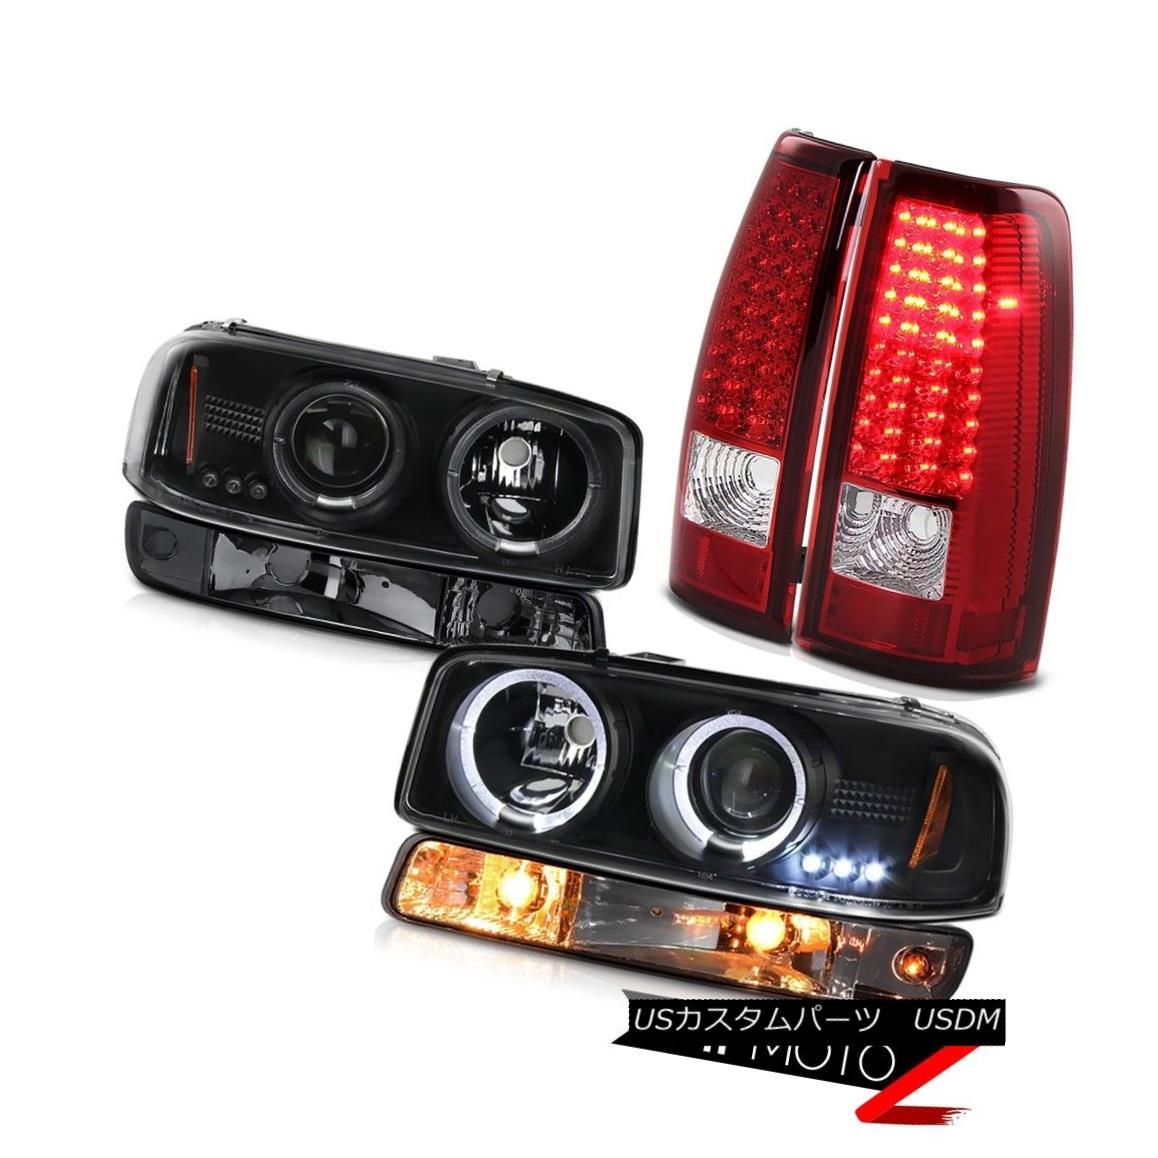 ヘッドライト 1999-2002 Sierra 3500HD Red led tail lights parking lamp black headlights LED 1999-2002シエラ3500HDレッドLEDテールライトパーキングランプブラックヘッドライトLED